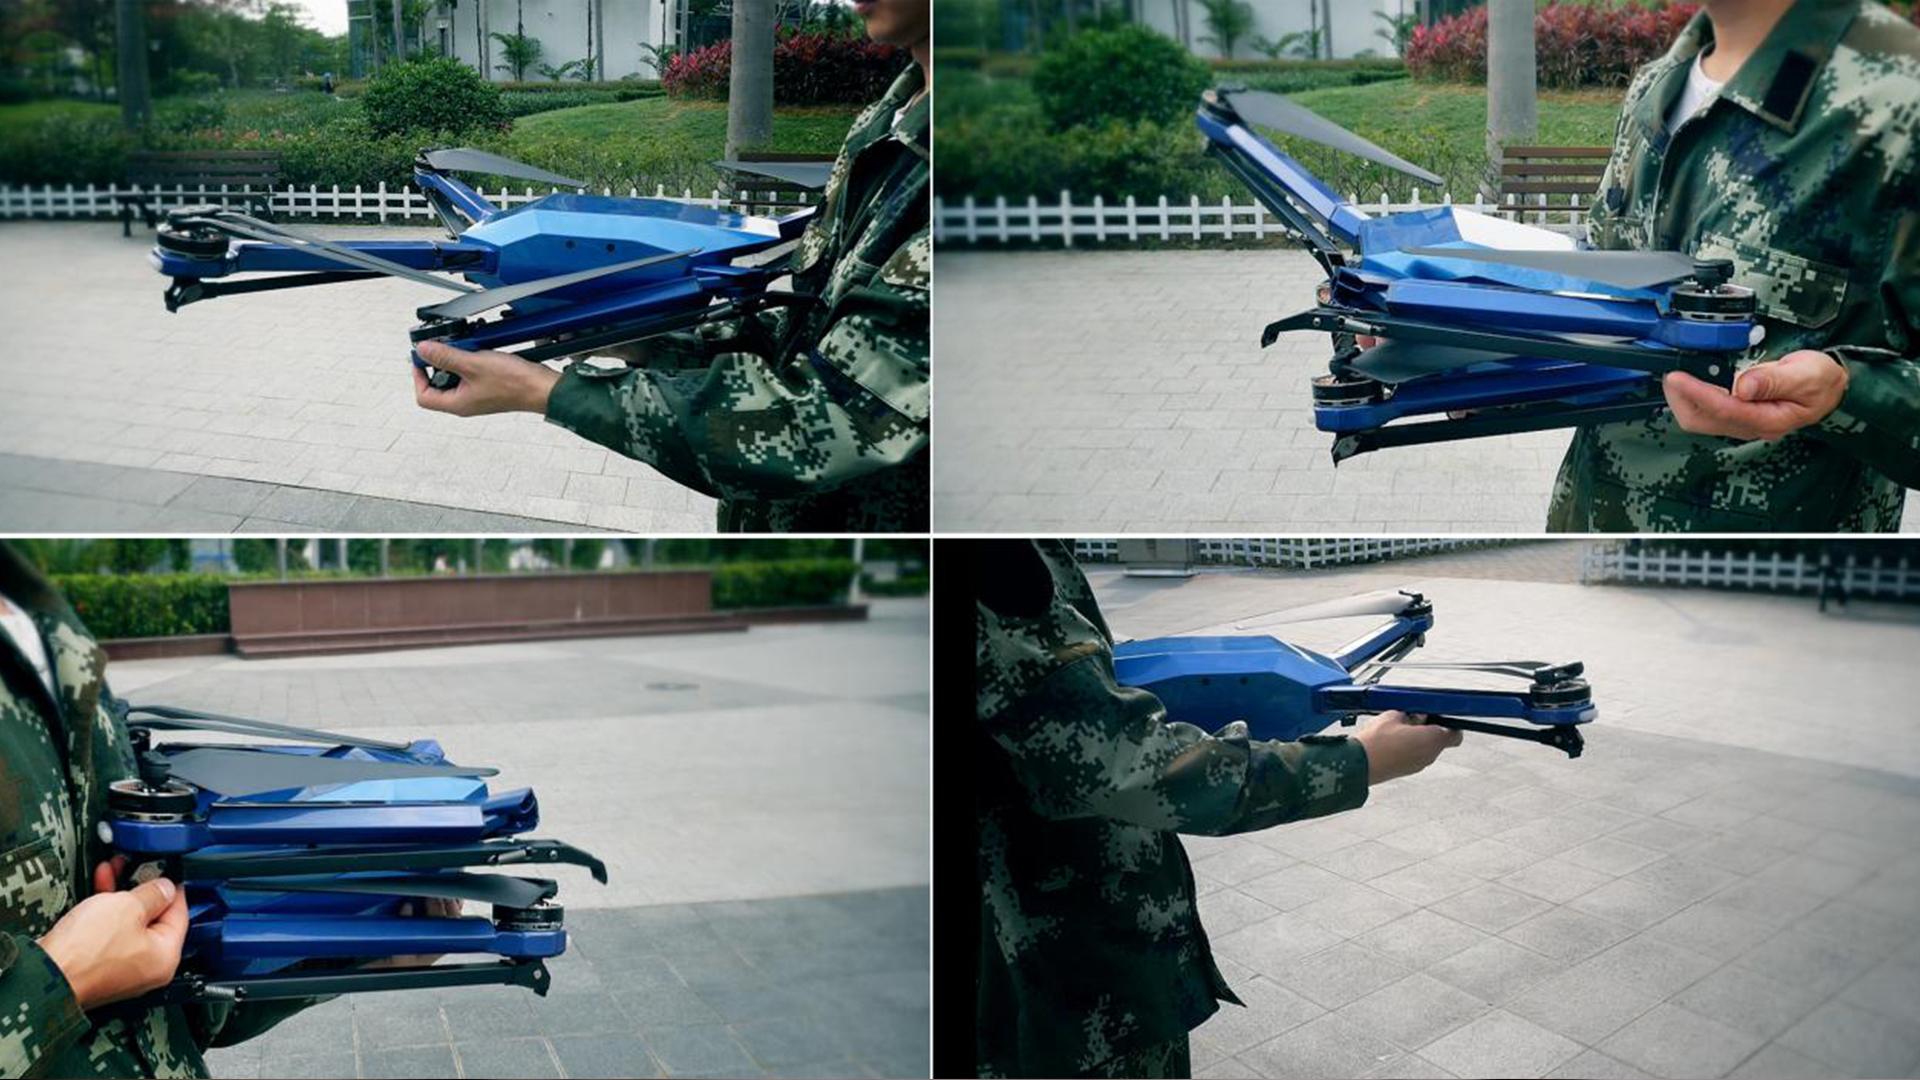 """智璟""""天珠C85""""工业无人机拆装有多快? 结果让你瞠目结舌(组图)"""